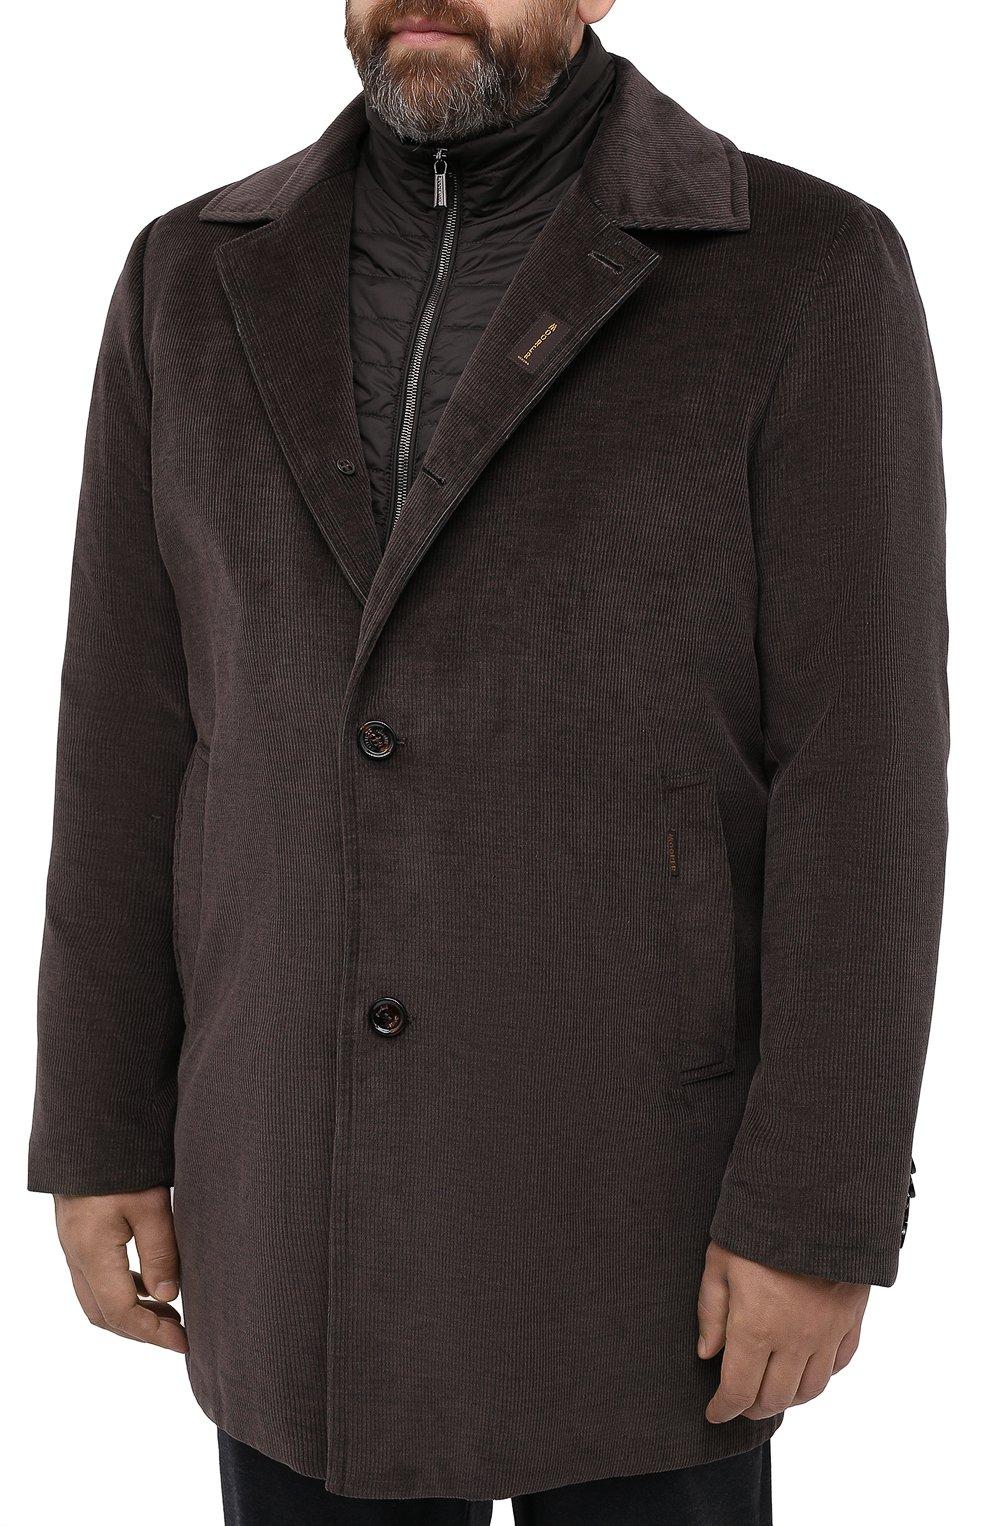 Мужской утепленное пальто из хлопка и шерсти MOORER темно-коричневого цвета, арт. M0NFERRAT0-LUS/A20M910LUSC   Фото 6 (Кросс-КТ: Куртка; Big sizes: Big Sizes; Рукава: Длинные; Материал внешний: Хлопок; Мужское Кросс-КТ: Куртка-верхняя одежда, Верхняя одежда, пальто-верхняя одежда; Материал подклада: Синтетический материал; Стили: Кэжуэл)